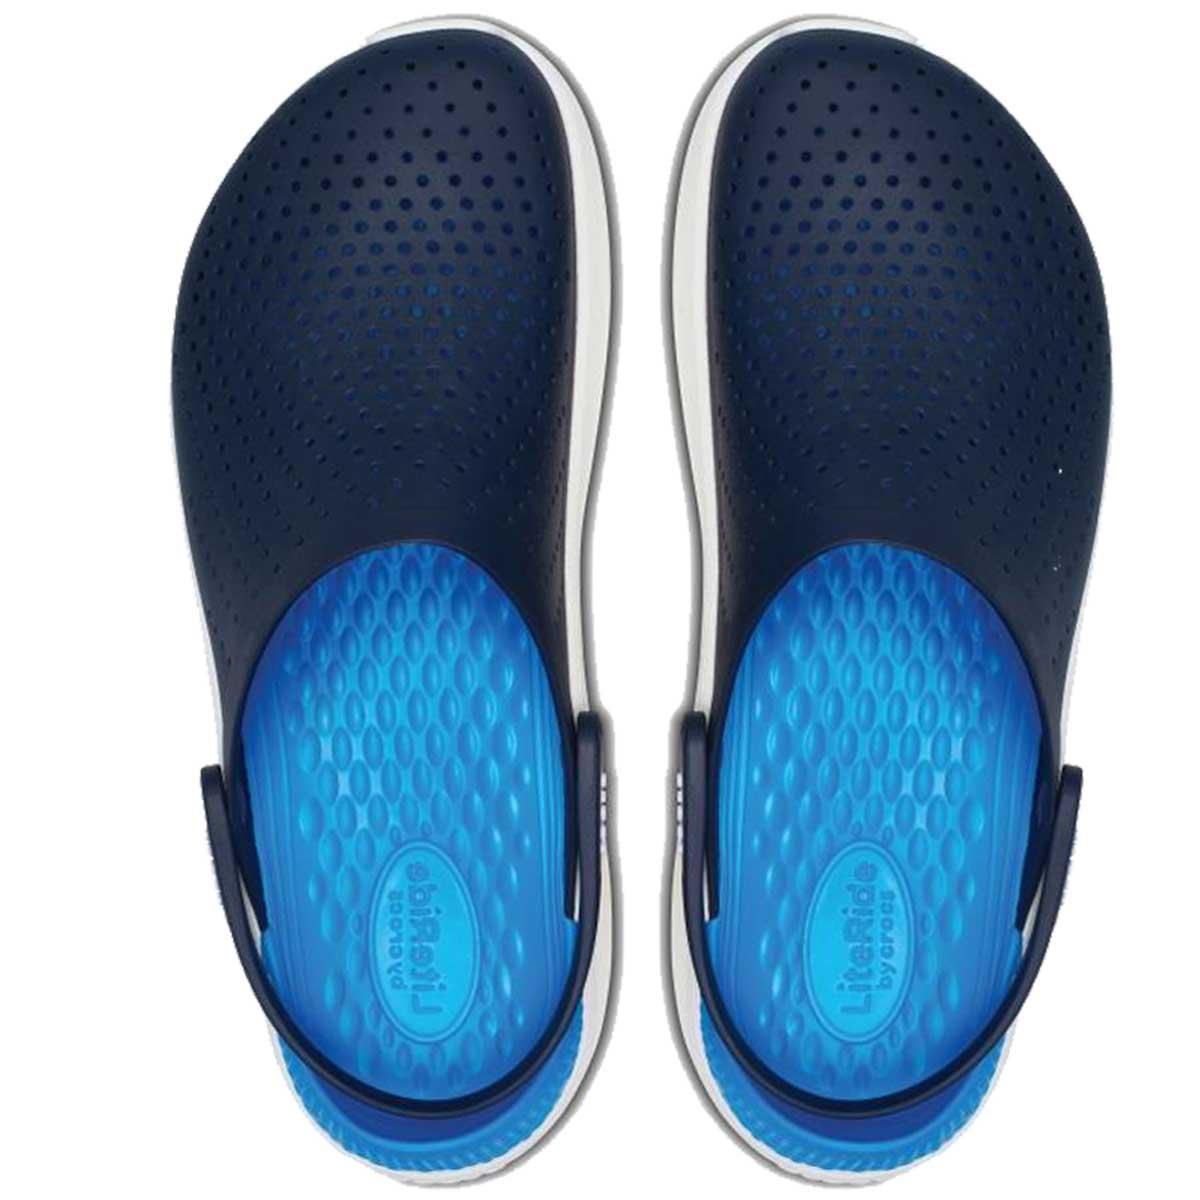 e4f53af07af0d Crocs Baya Junior Flip (Black) Online at Lowest Price in India